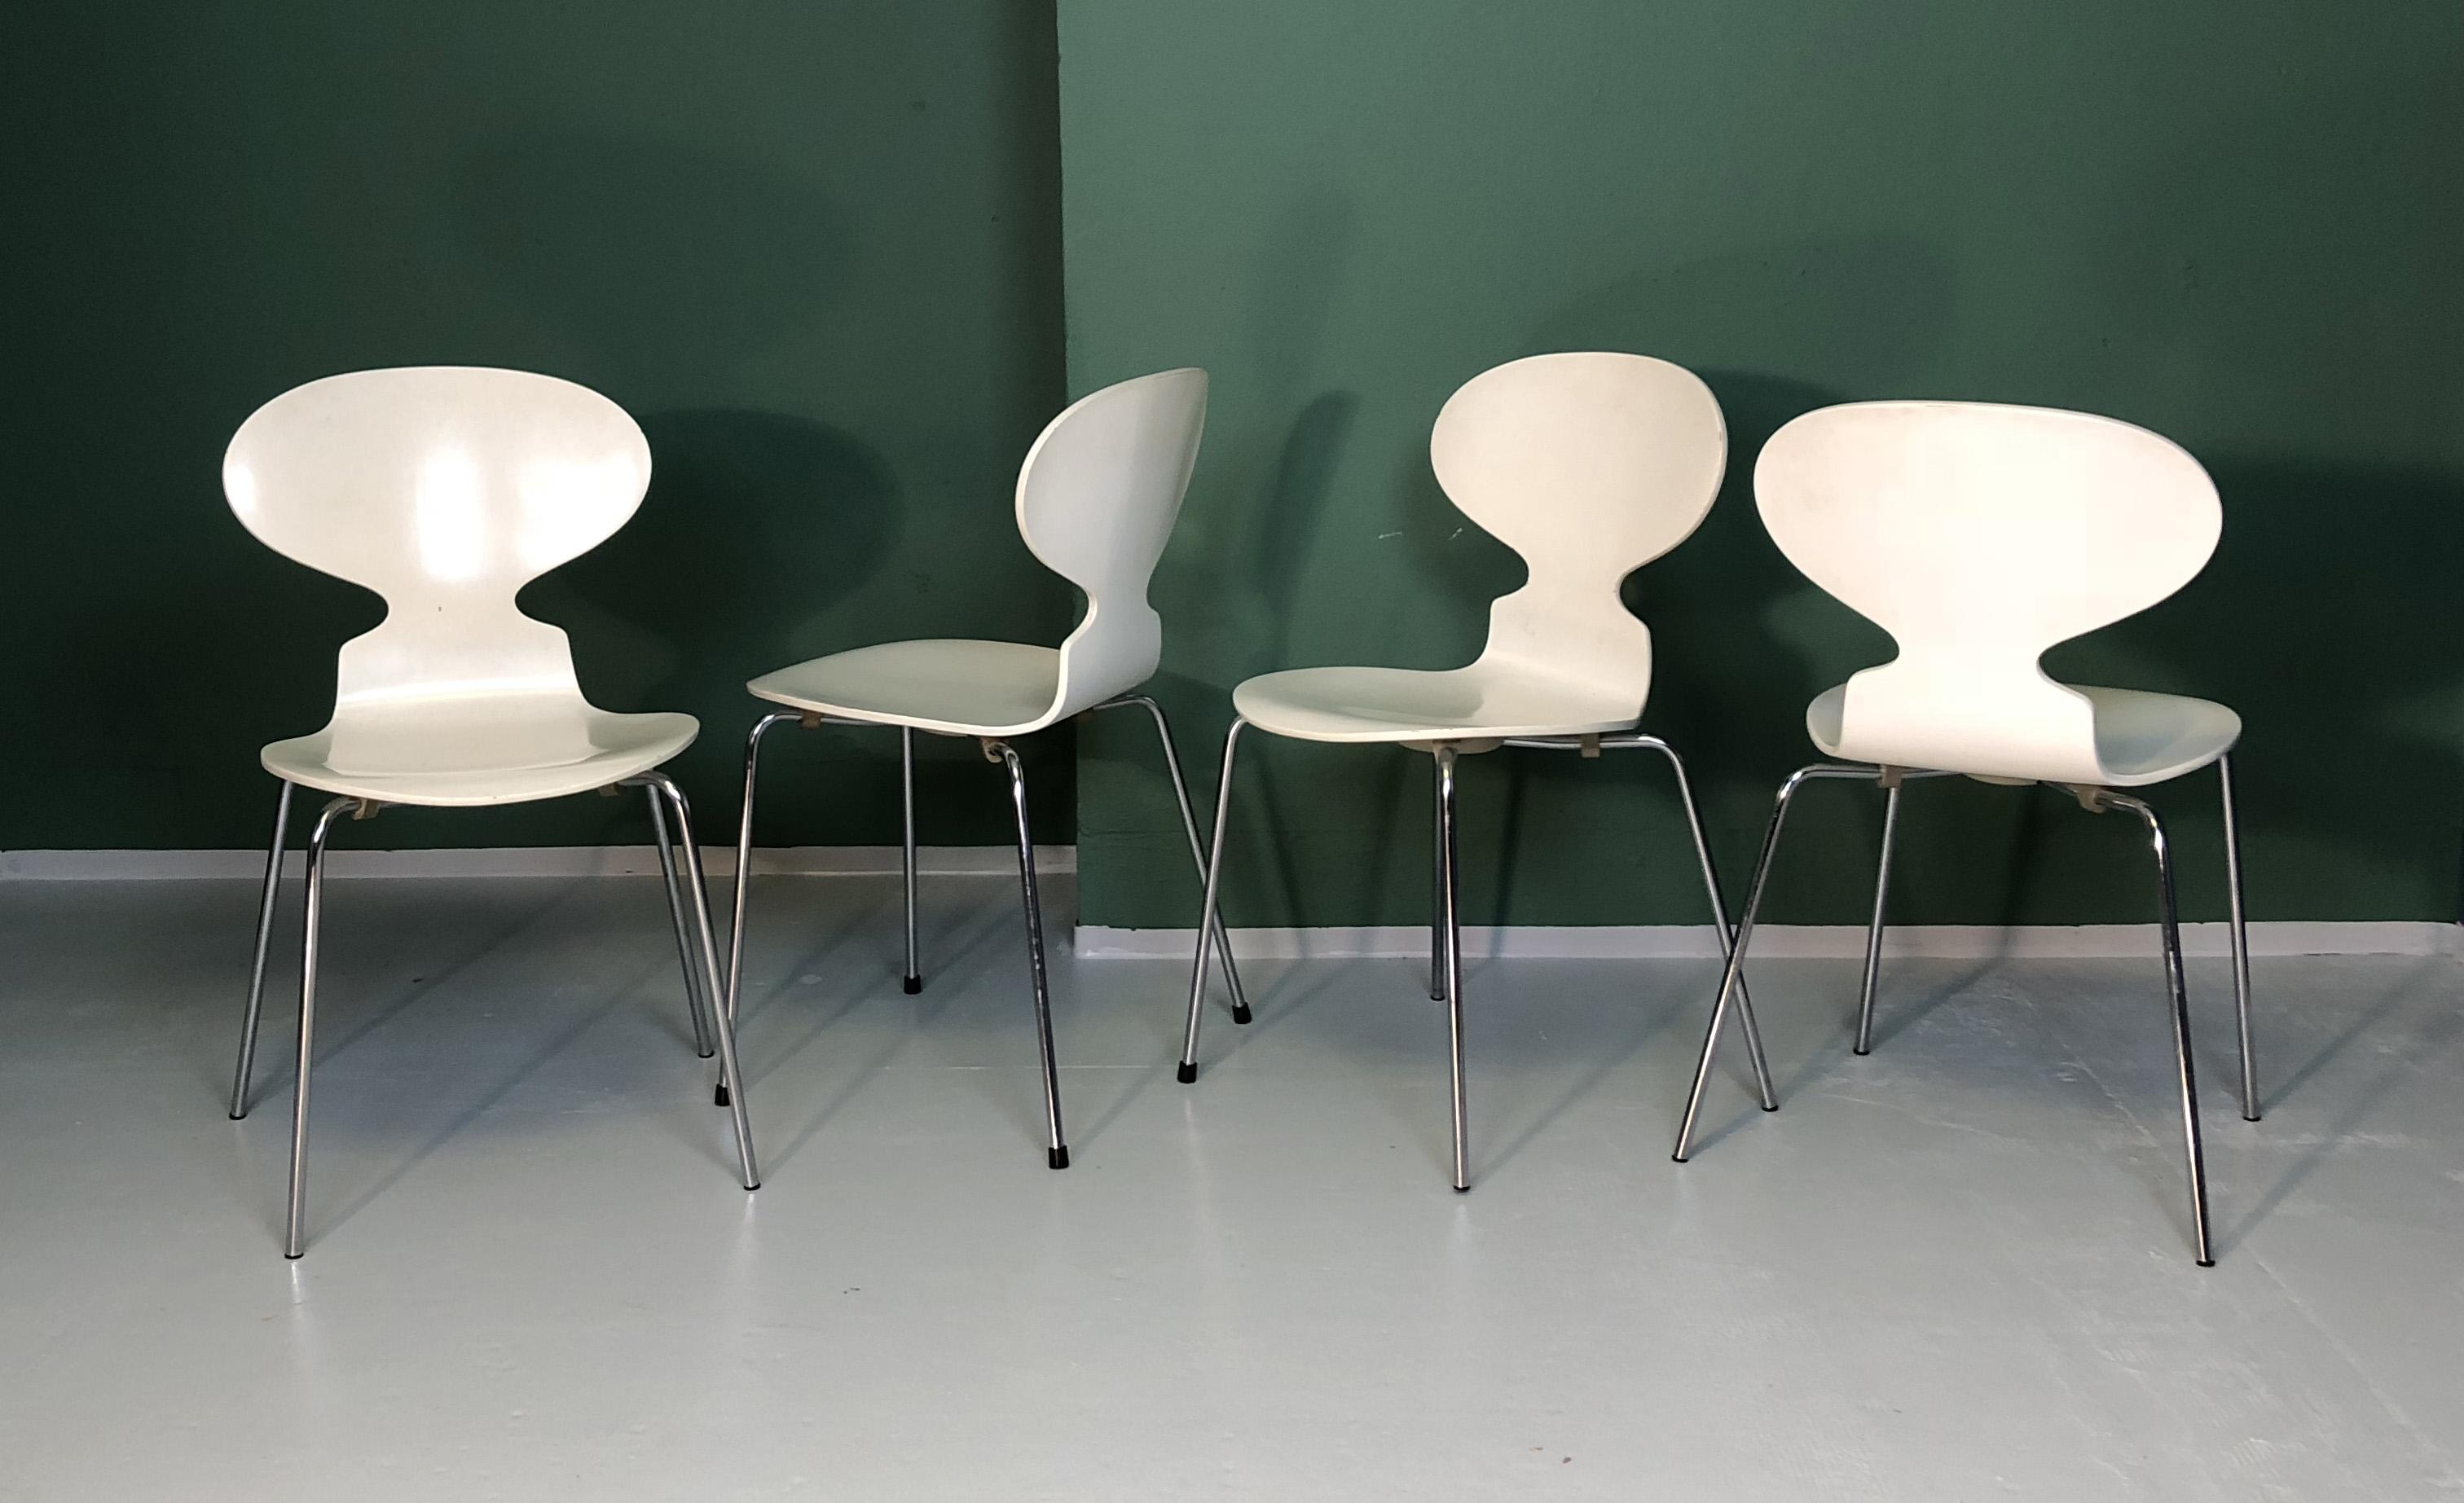 arne jacobsen furniture. Arne Jacobsen Furniture. Antchair-2 Furniture